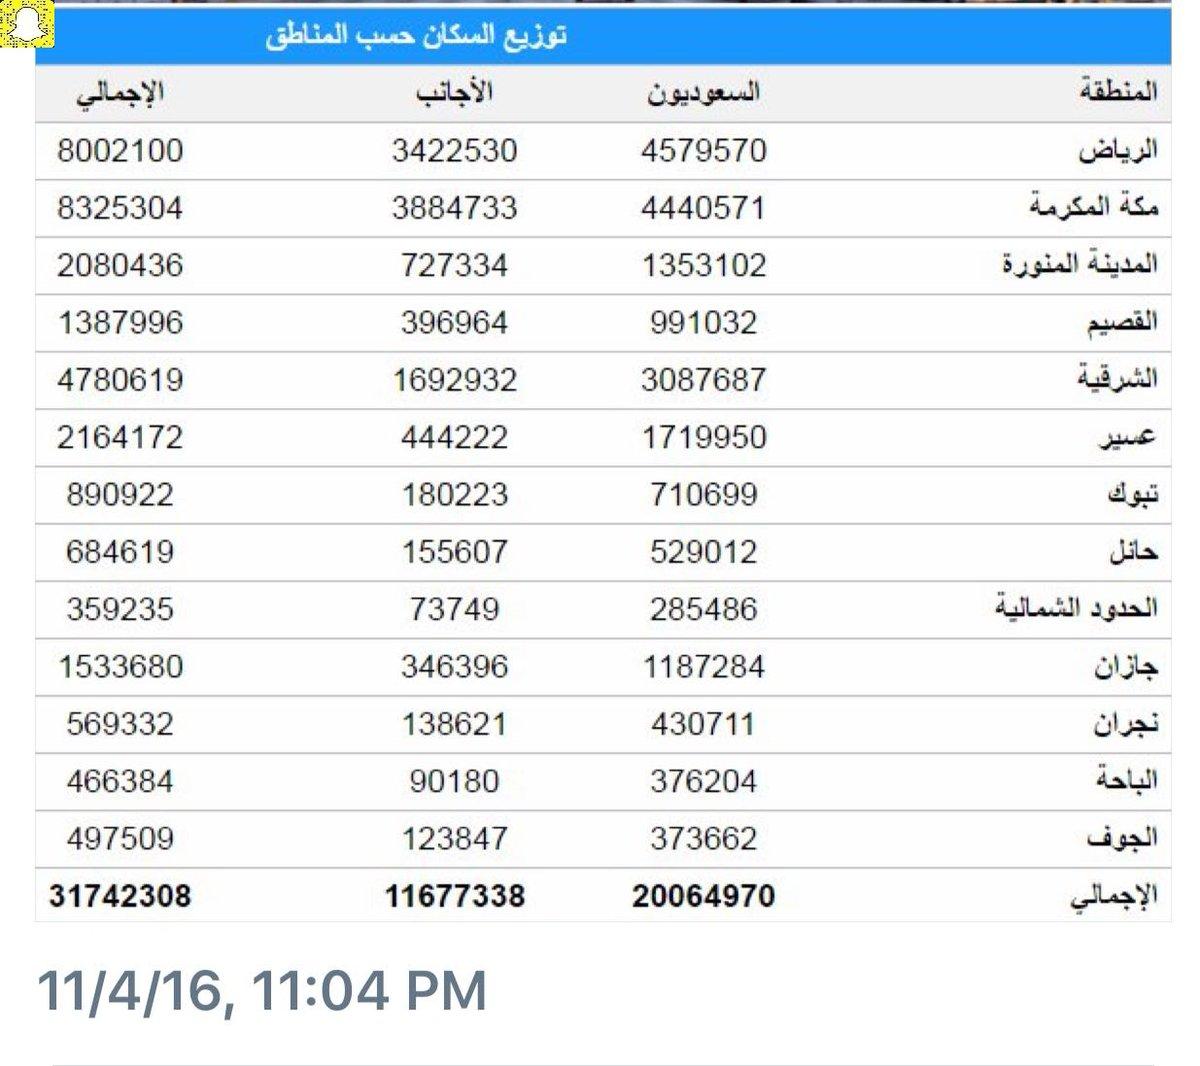 أرض الذكريات On Twitter عدد السكان عدد سكان السعودية عام 2016م من مواطنين ومقيمين ويلاحظ أكبر المناطق من حيث عدد السكان هي مكة وأقلها هي الحدود الشمالي ة Https T Co Wqzedxmdnz